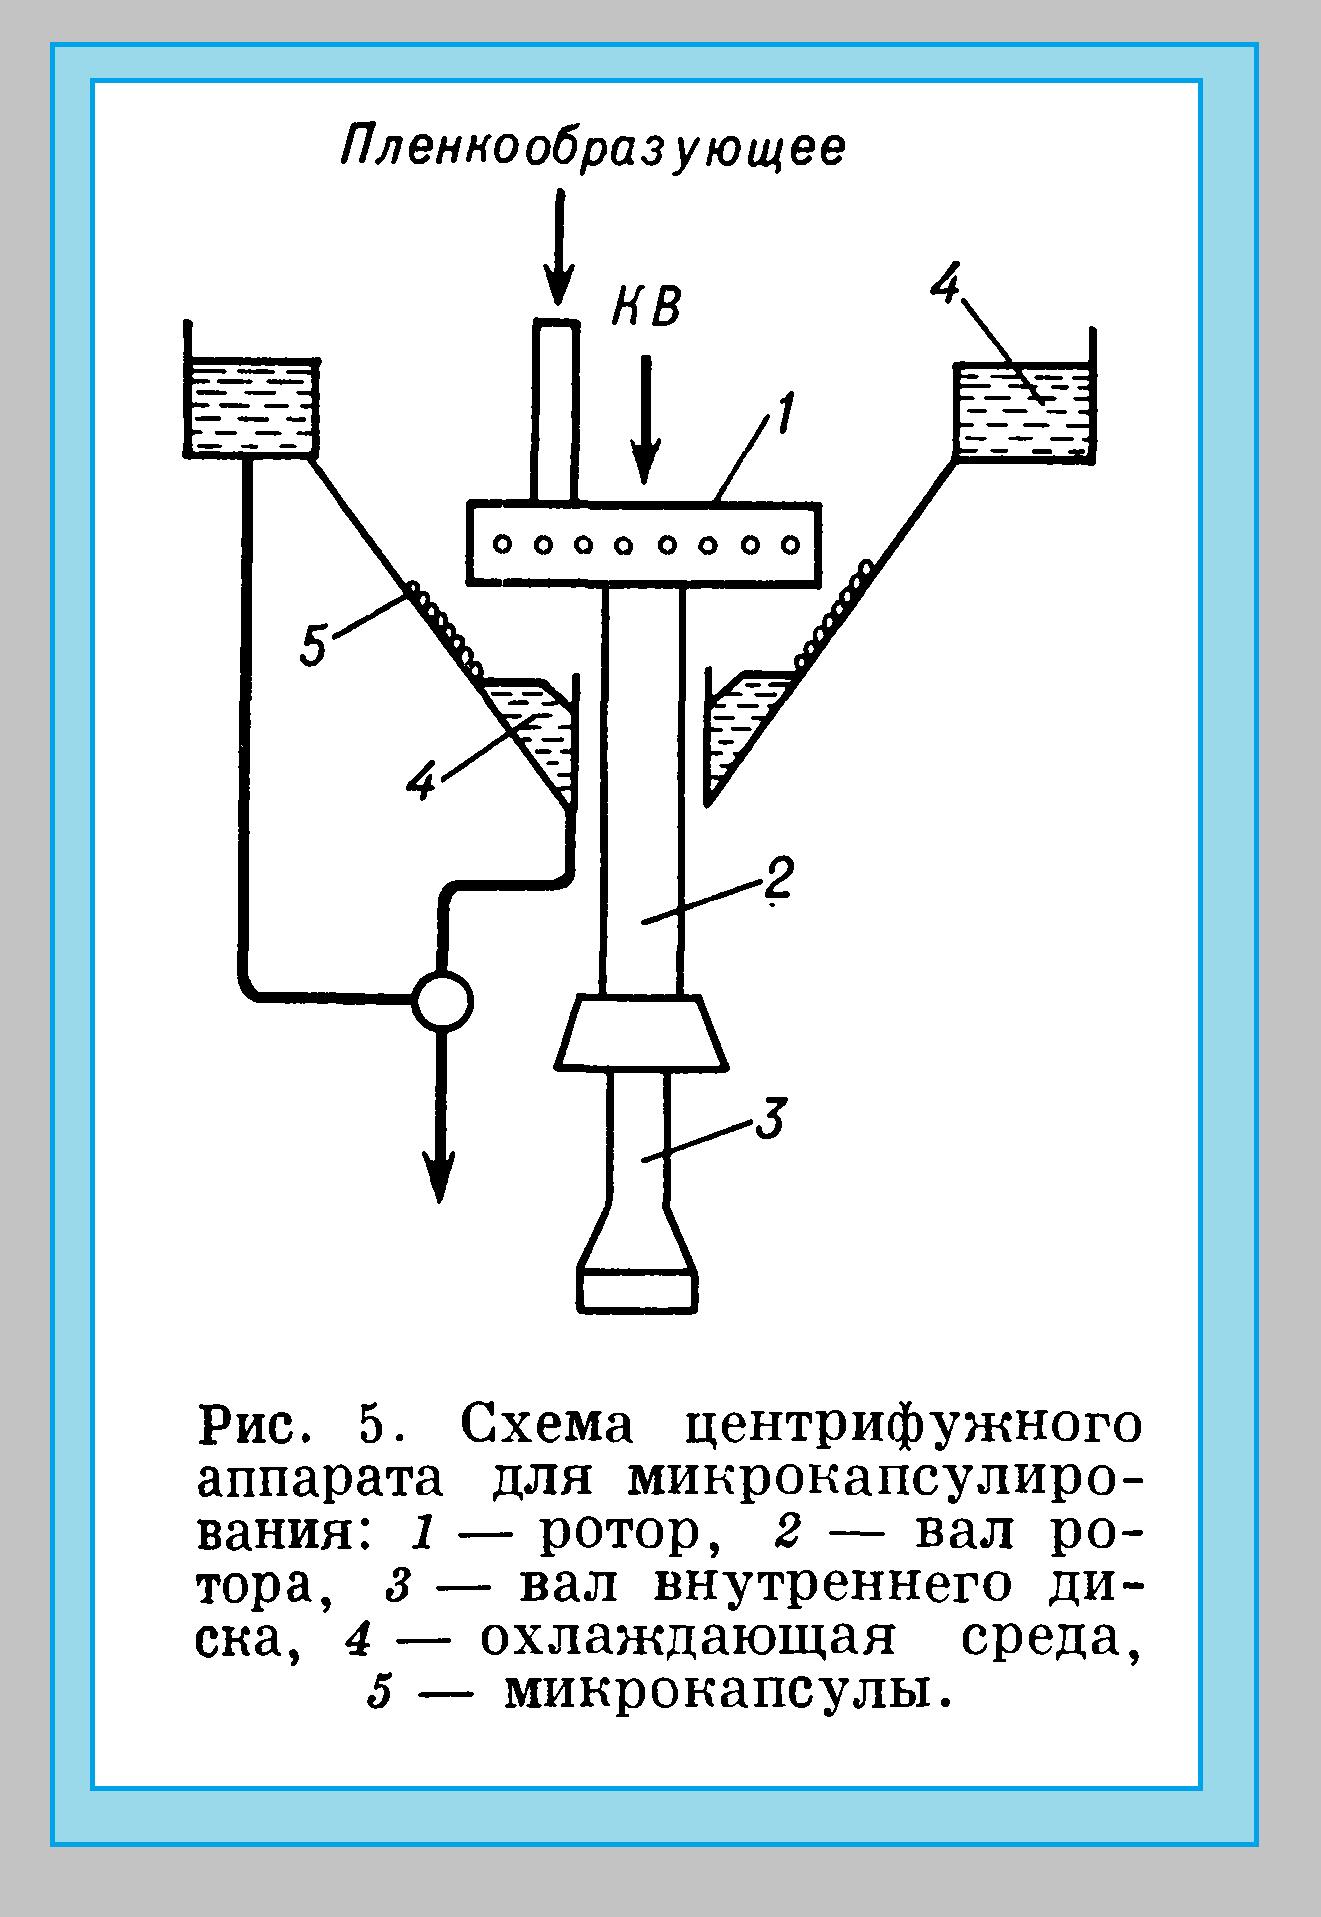 центрифуга для микрокапсулирования